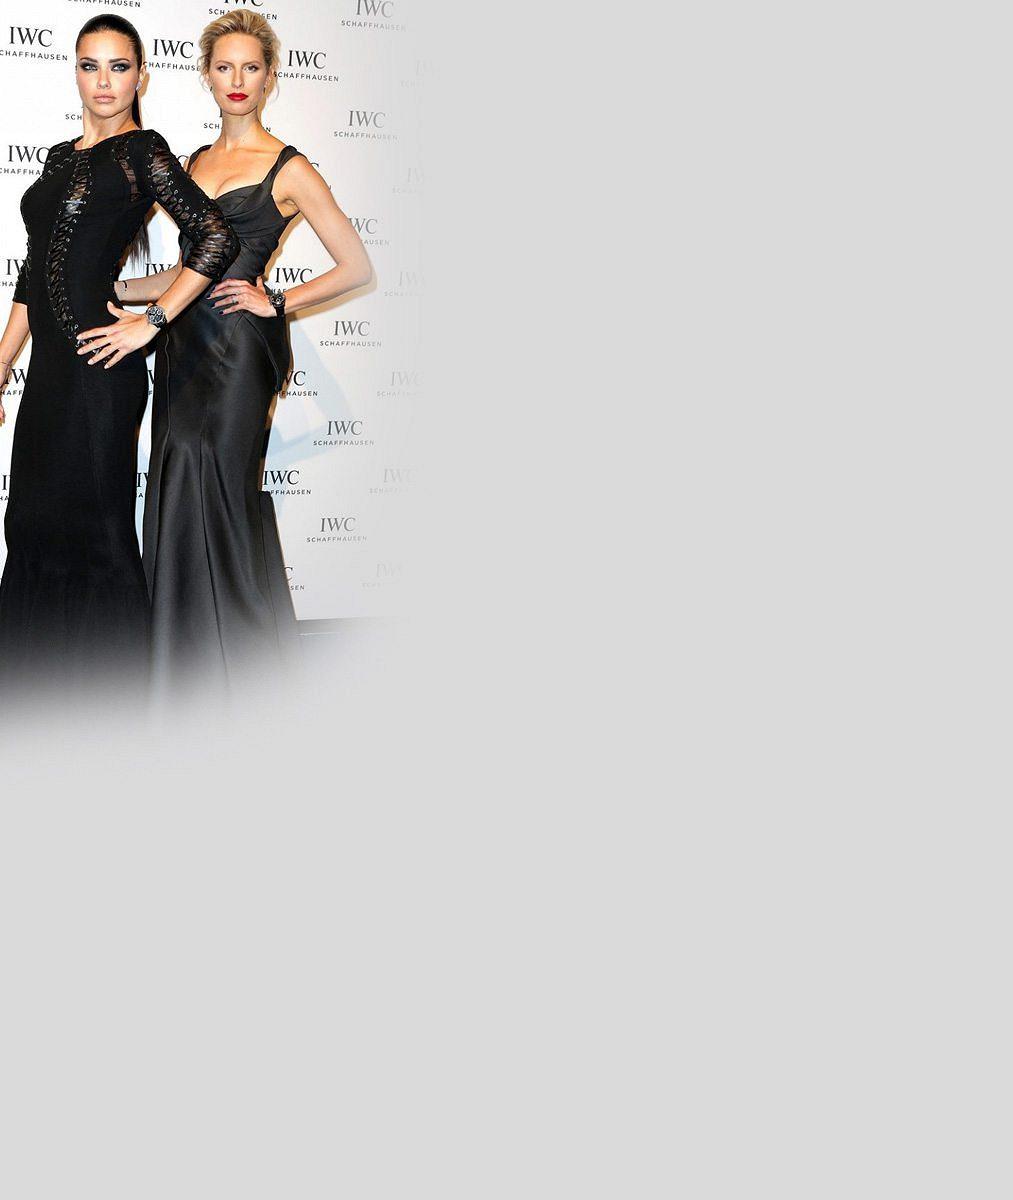 Slavná Češka svedla souboj krásy s Brazilkou: Která z modelek podle vás zazářila víc?